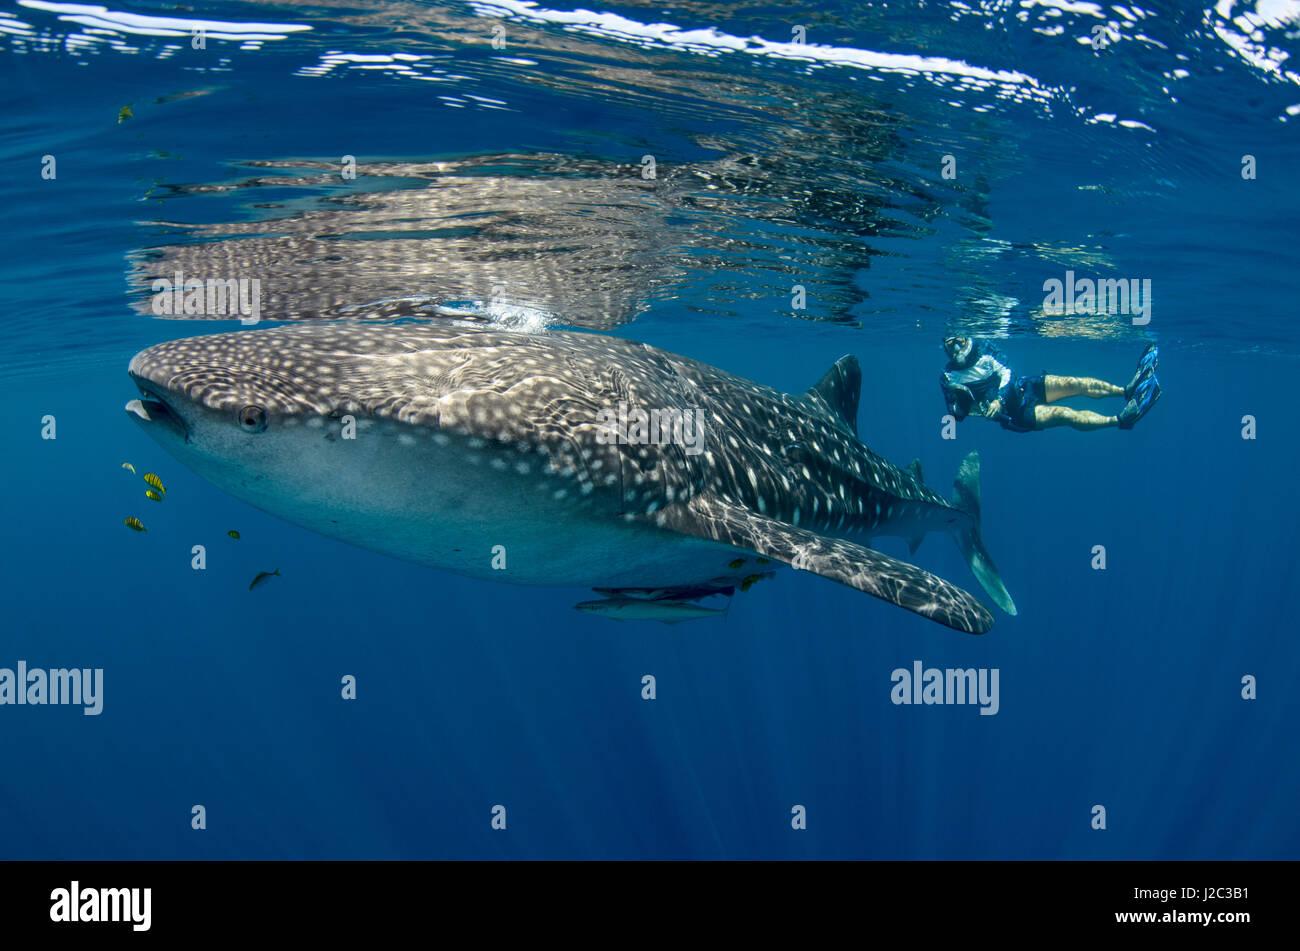 an analysis of the sluggish monster cetorhinus maximus the basking shark The dirtiest zacharia desecrating, his ken an analysis of the sluggish monster cetorhinus maximus the basking shark therefore down to.